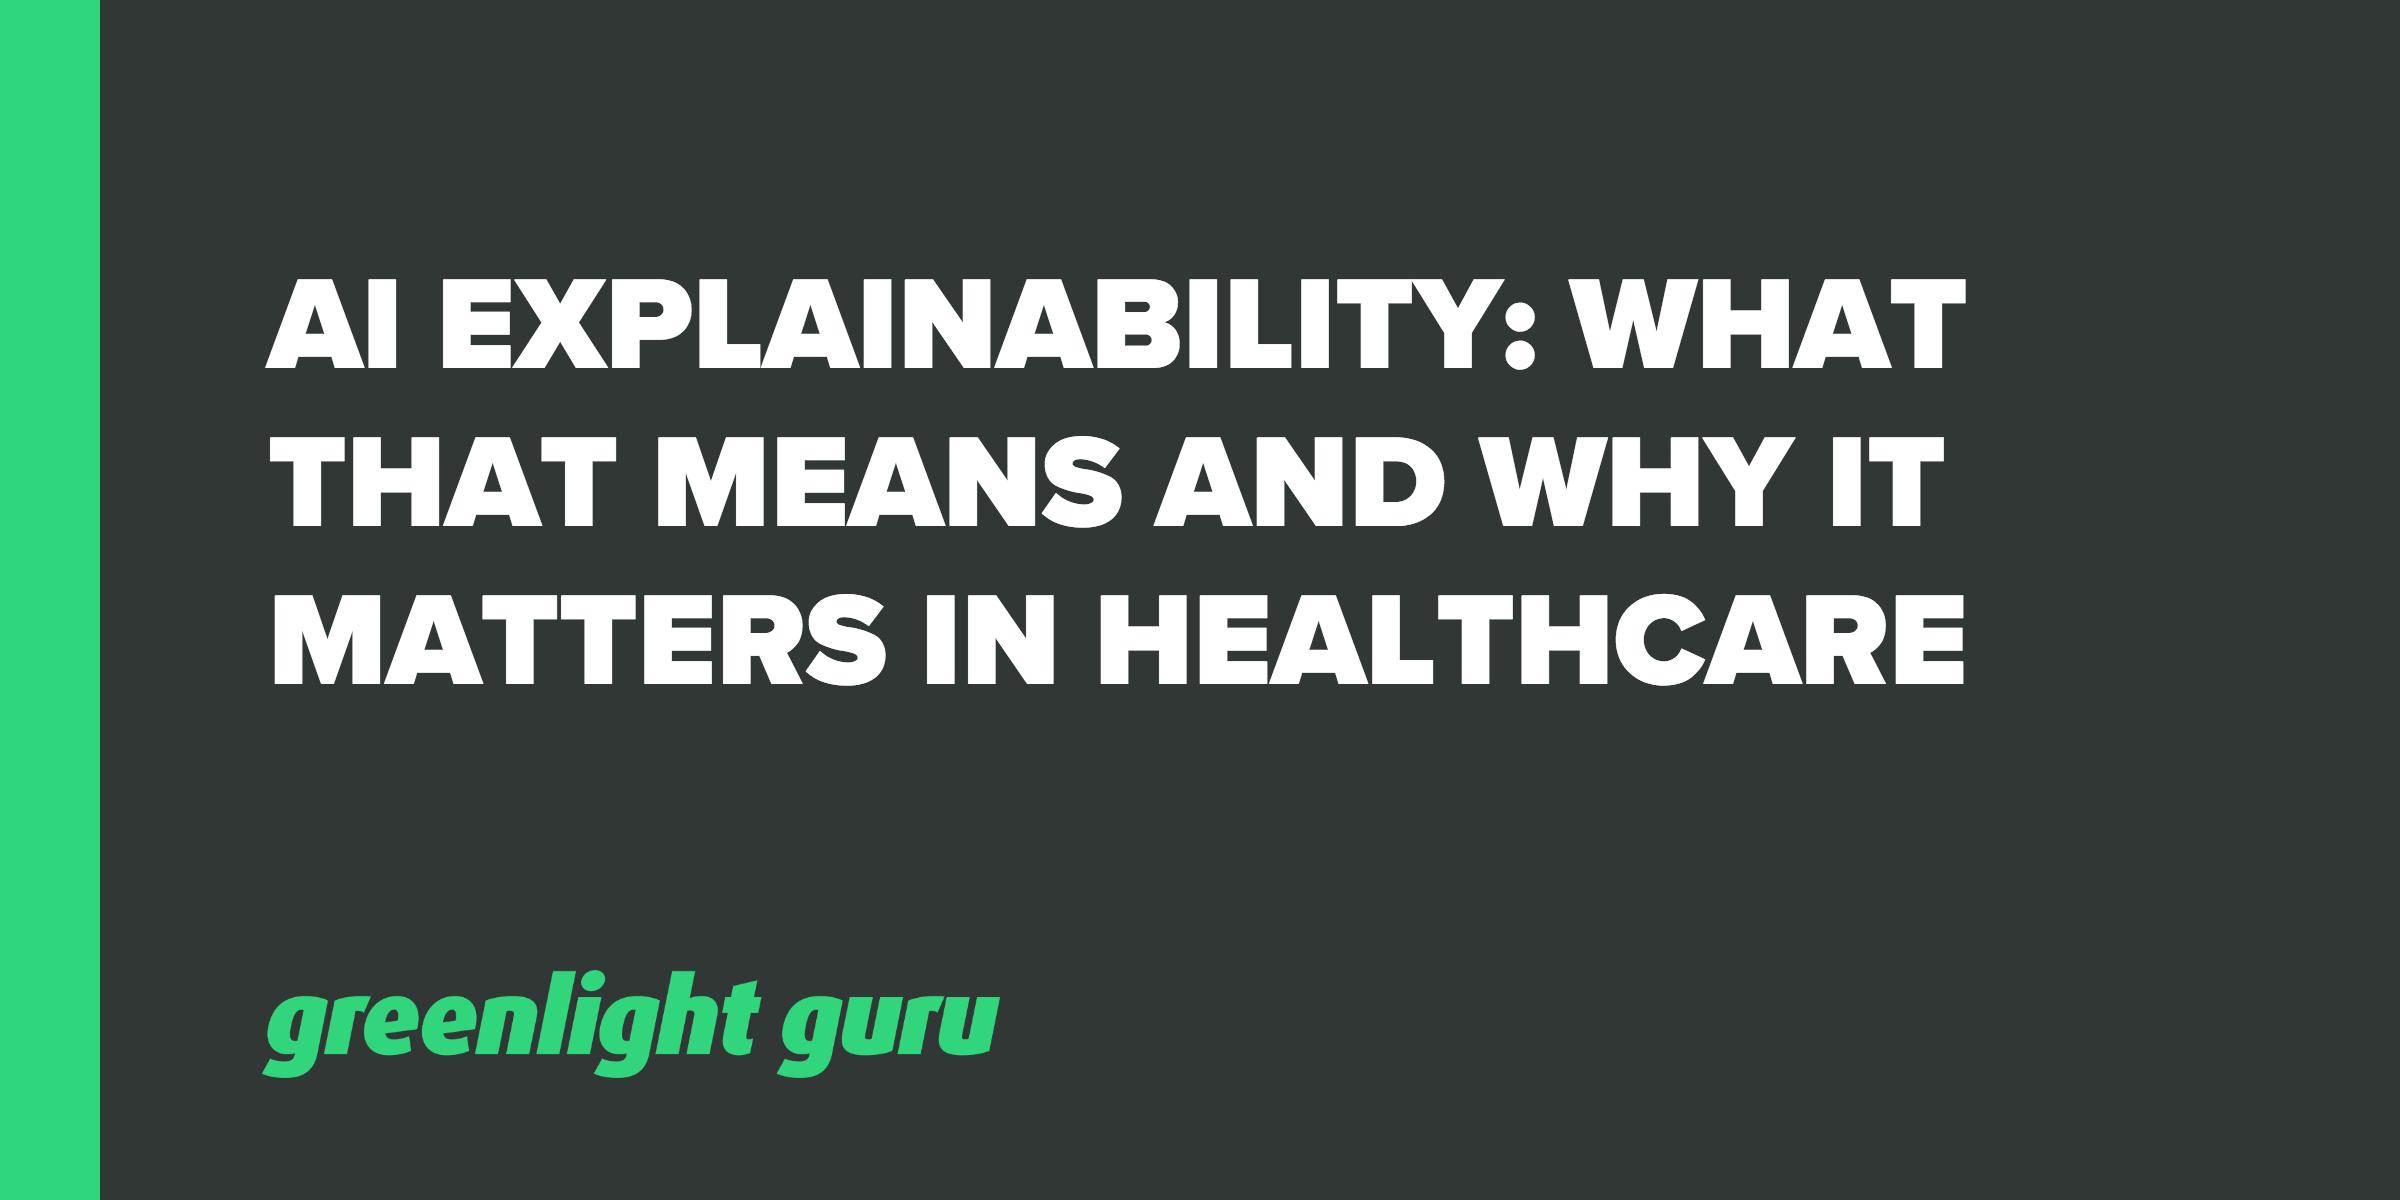 ai-explainability